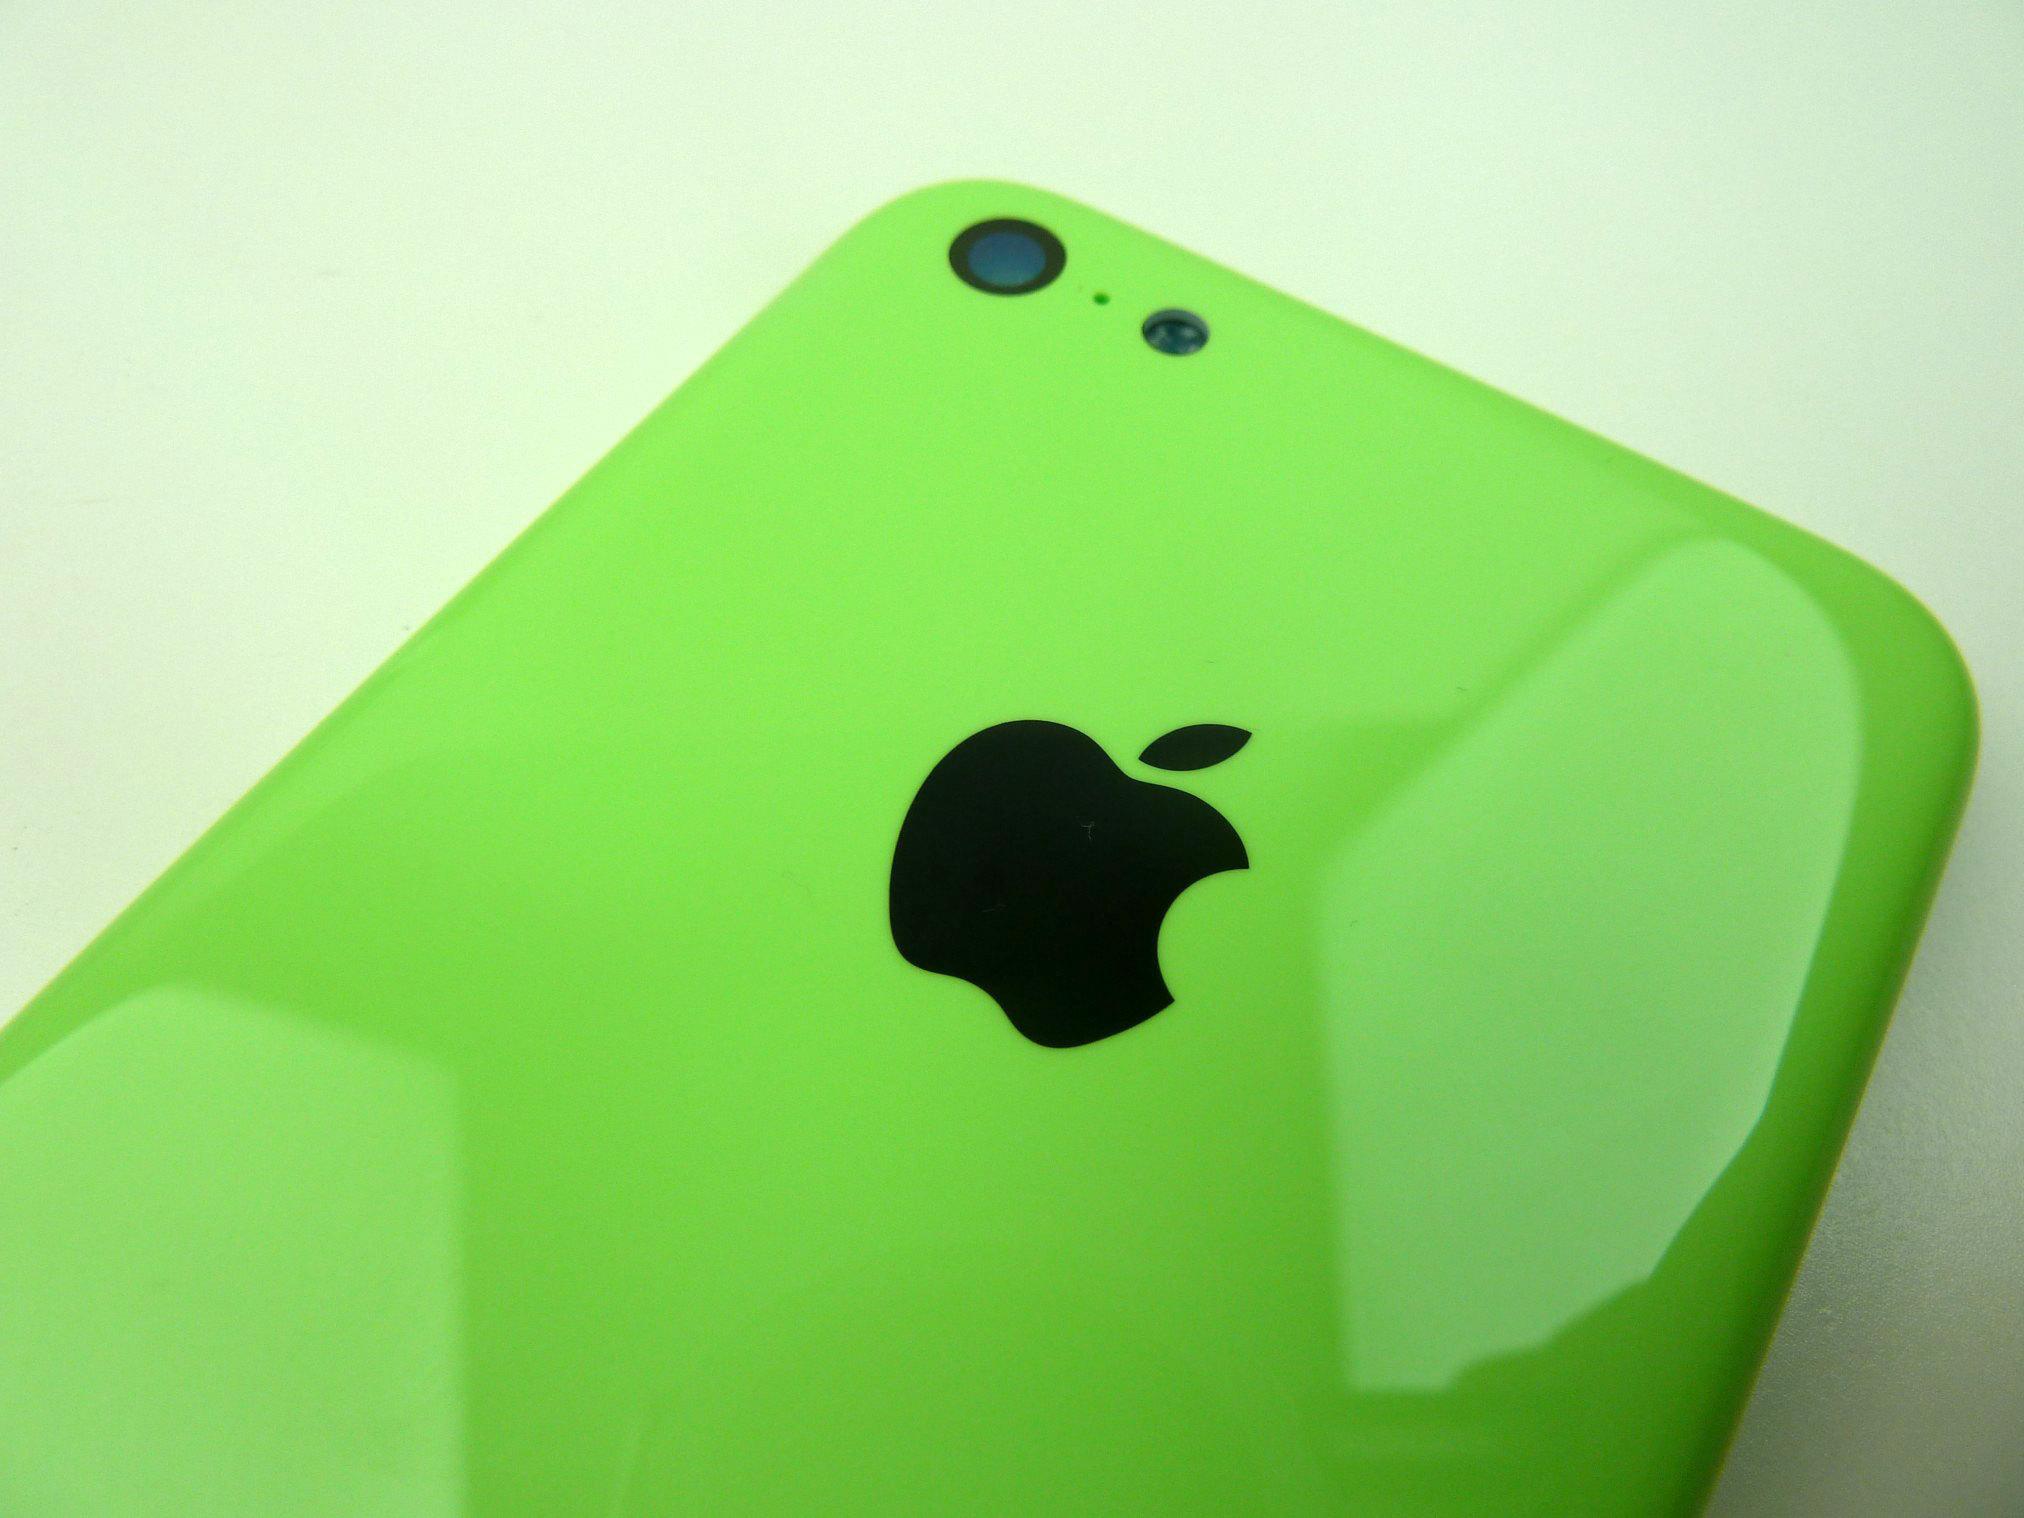 Apple iPhone 5c green 8gb Apple iPhone 5c [app5cgr8gb] - £120.00 ...